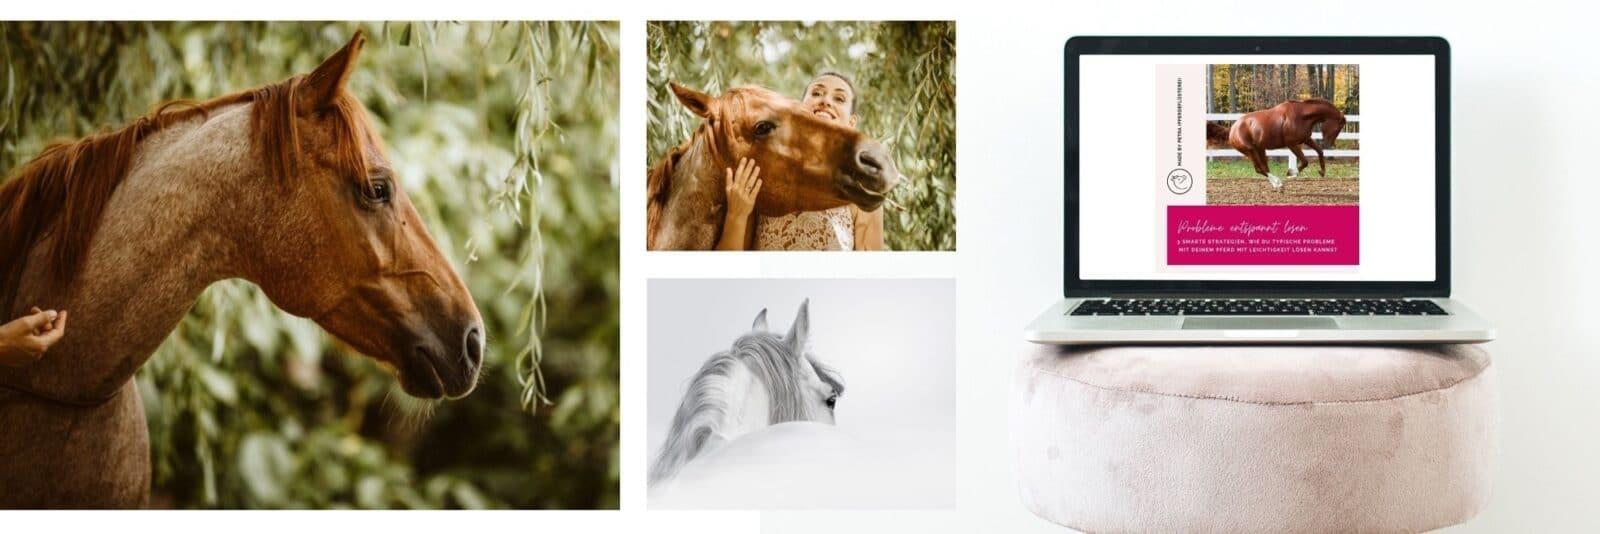 """Schnapp dir den Pferde Onlinekurs """"Probleme sanft lösen"""" 2"""